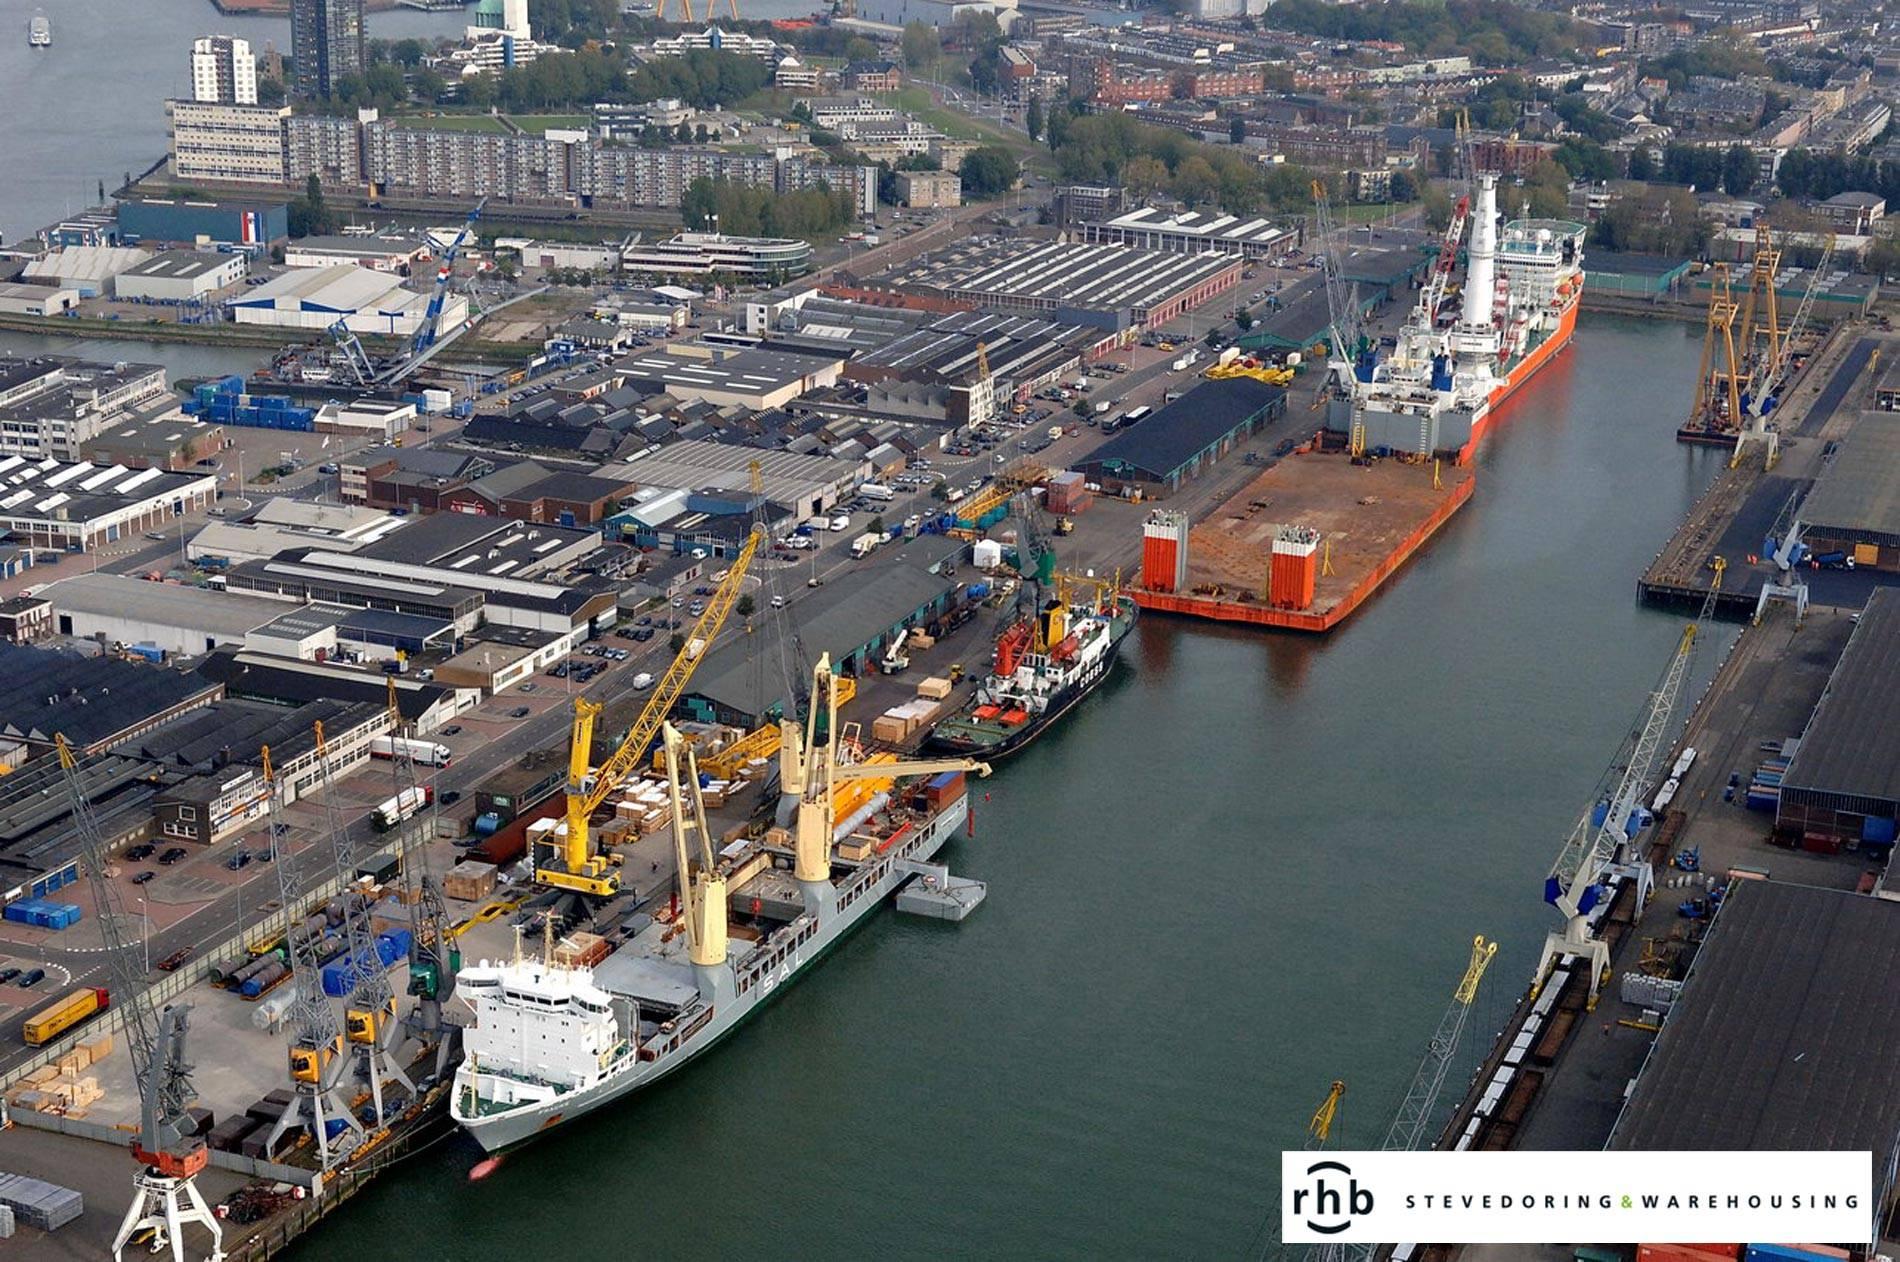 Главный морской порт испании. город-порт в испании – барселона. какие порты есть в испании и их особенности